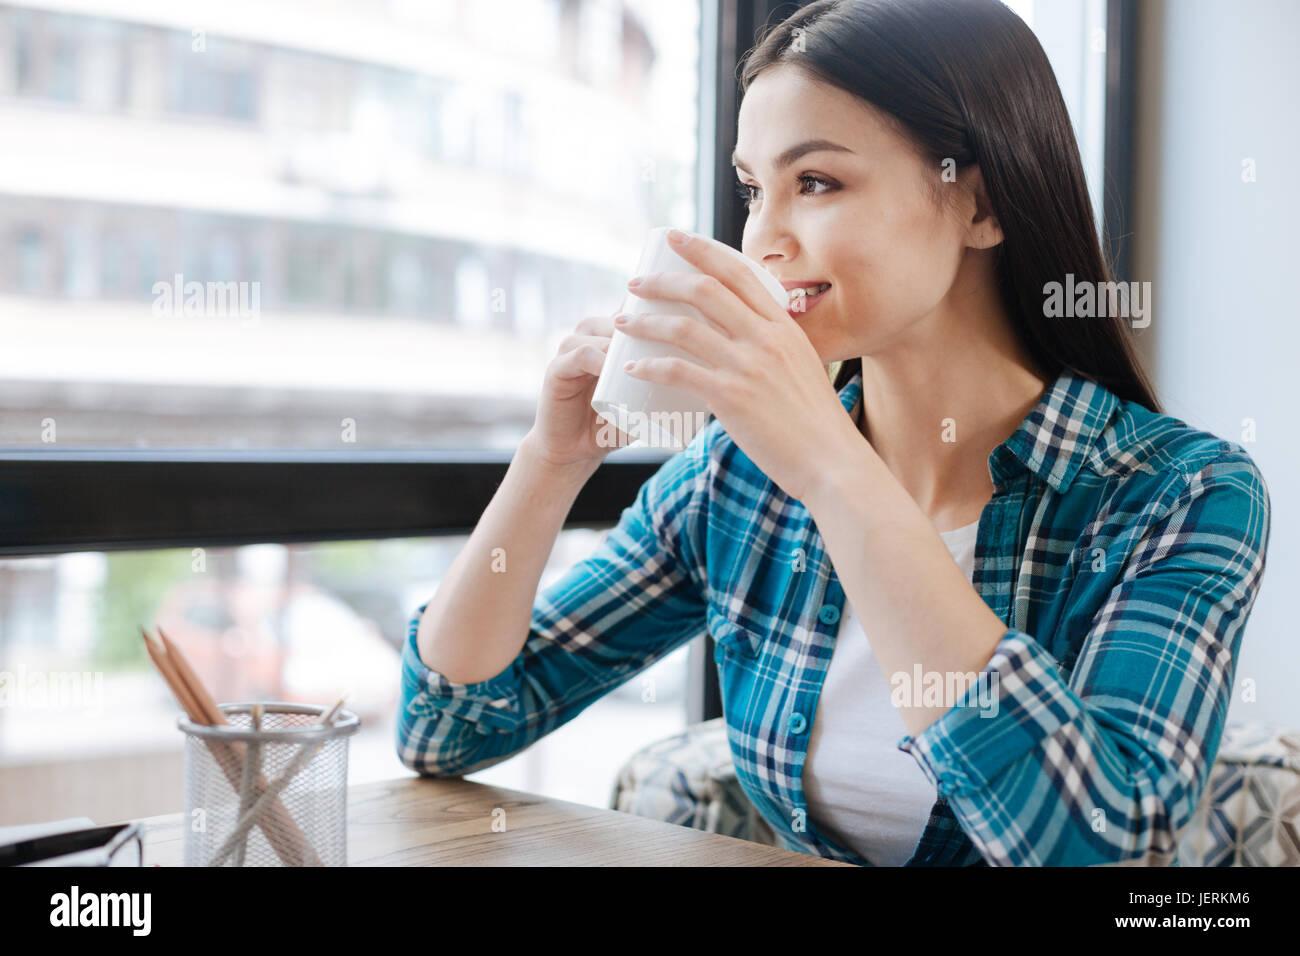 Verträumte inspiriert Mädchen Blick aus dem Fenster Stockbild